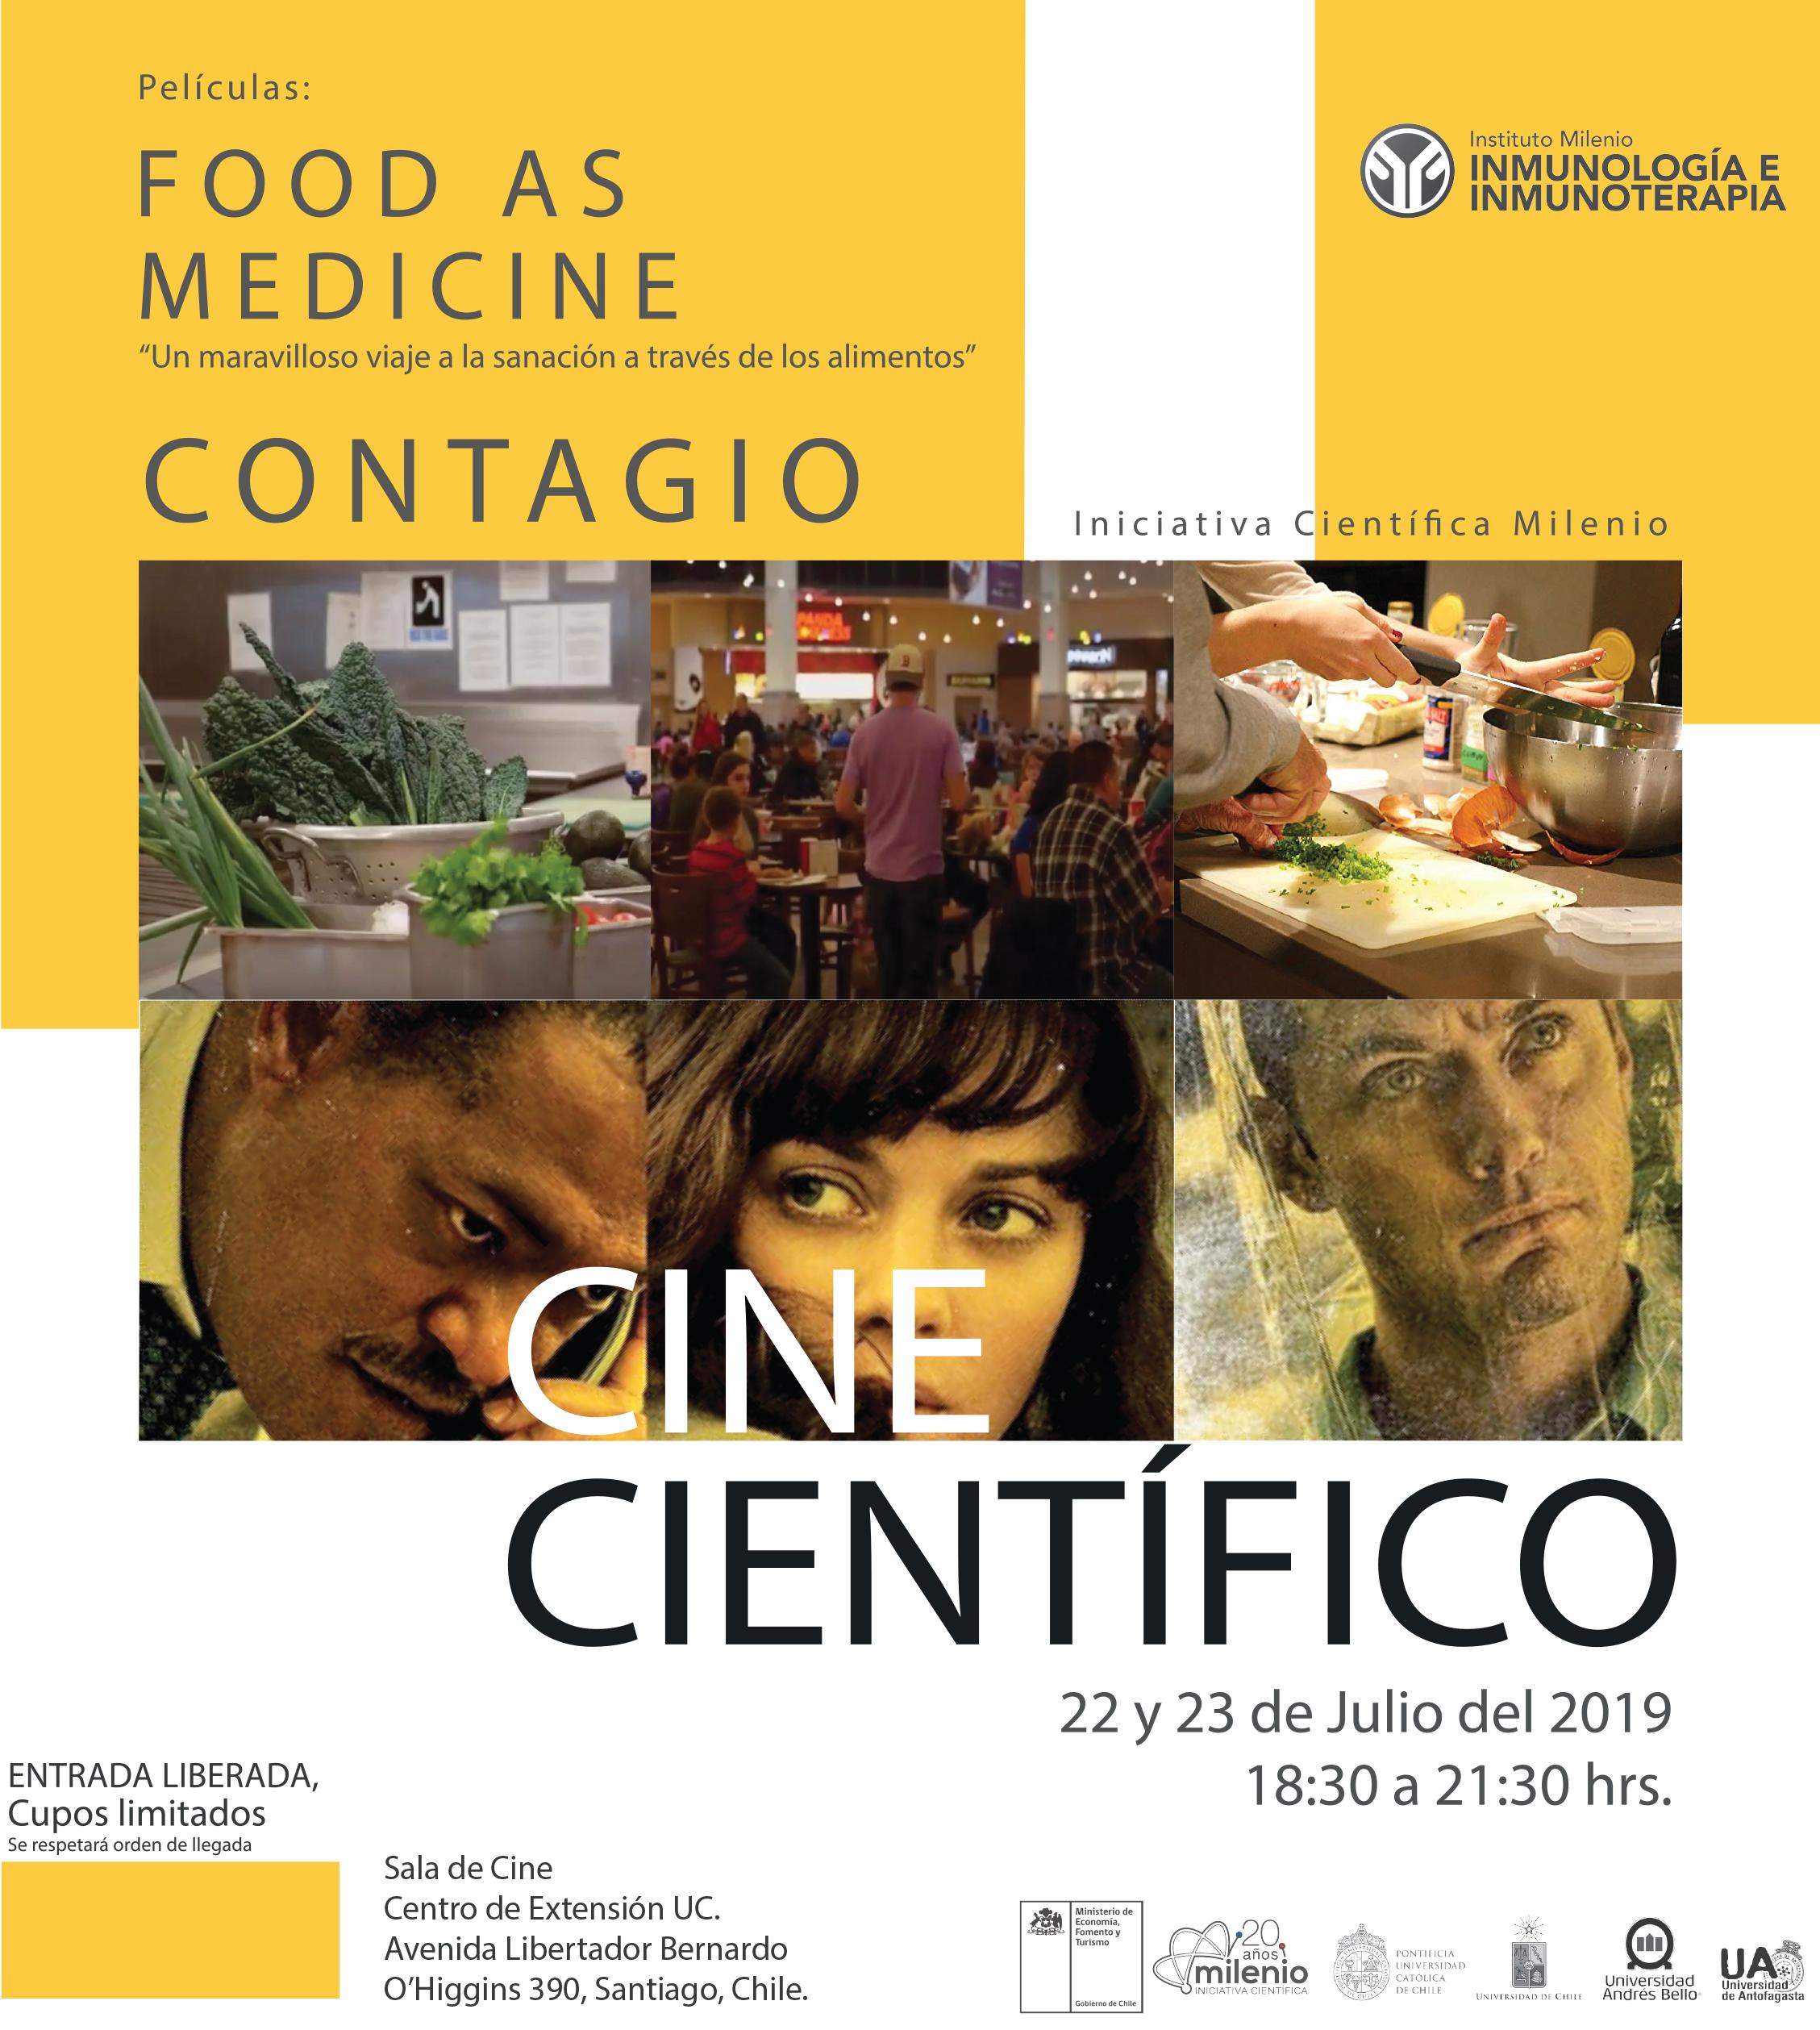 Actividad Cine Científico, organizado por Instituto Mileno en Inmunología e Inmunoterapia graphic